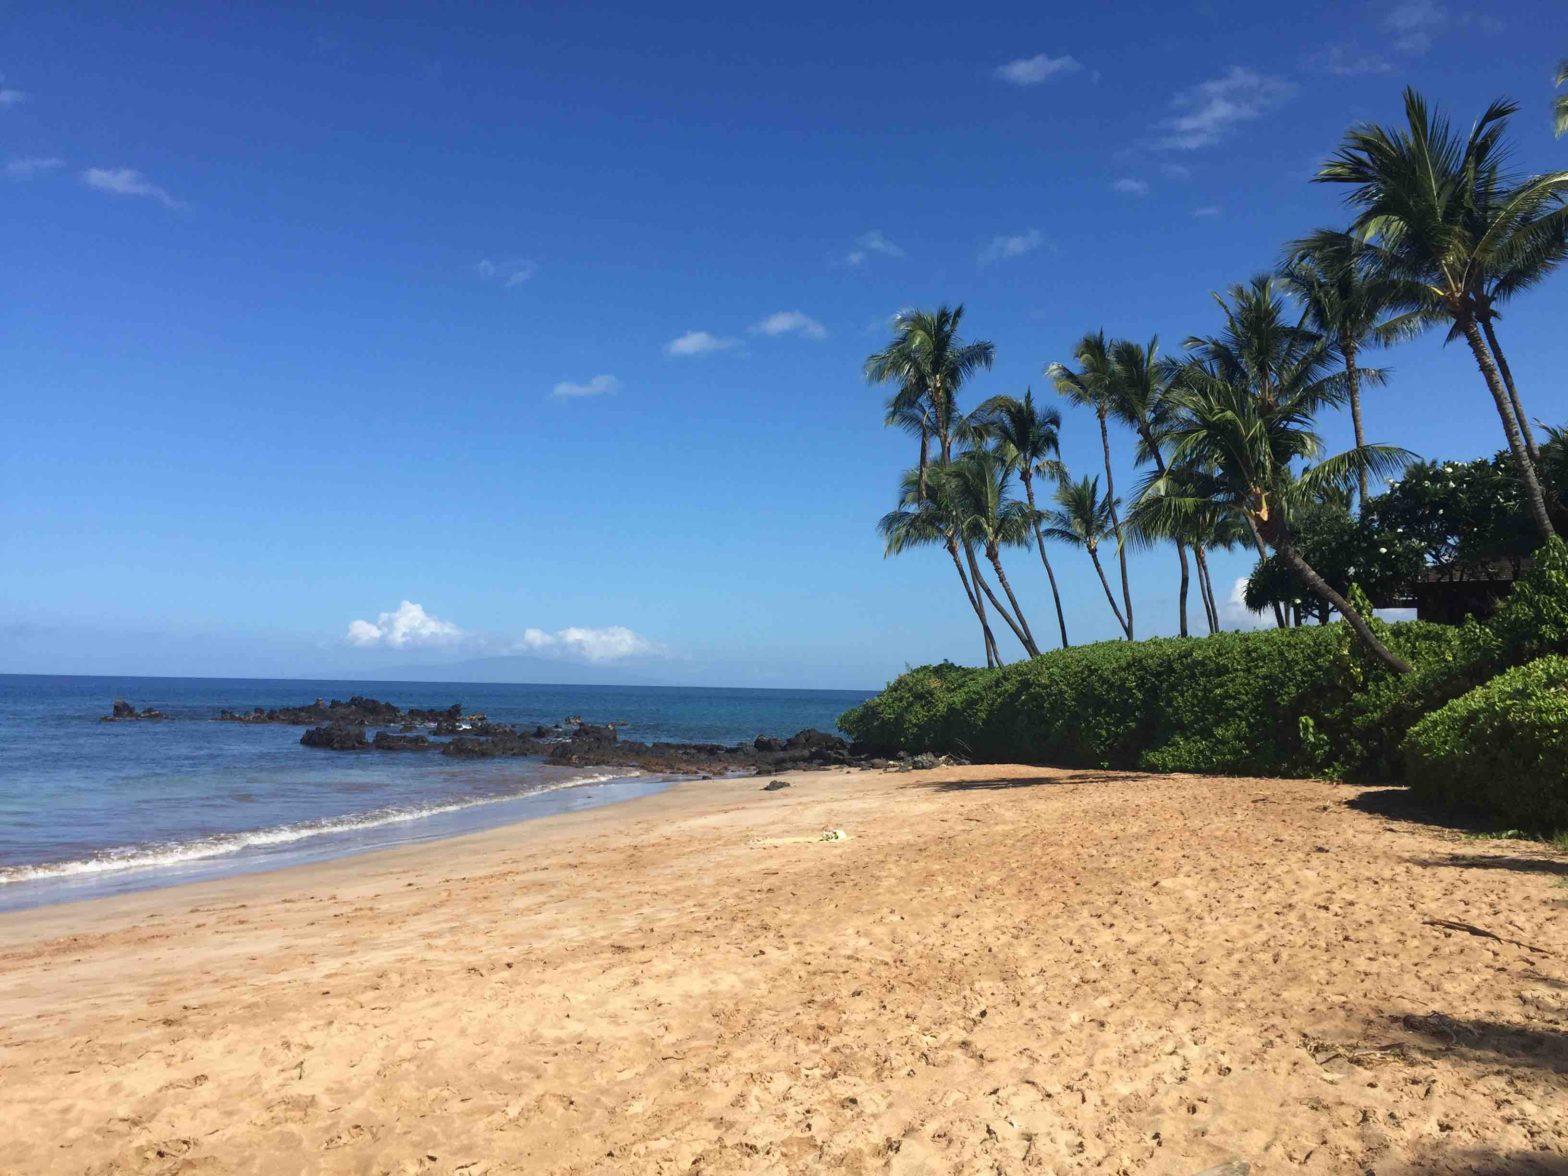 A Beach on Maui